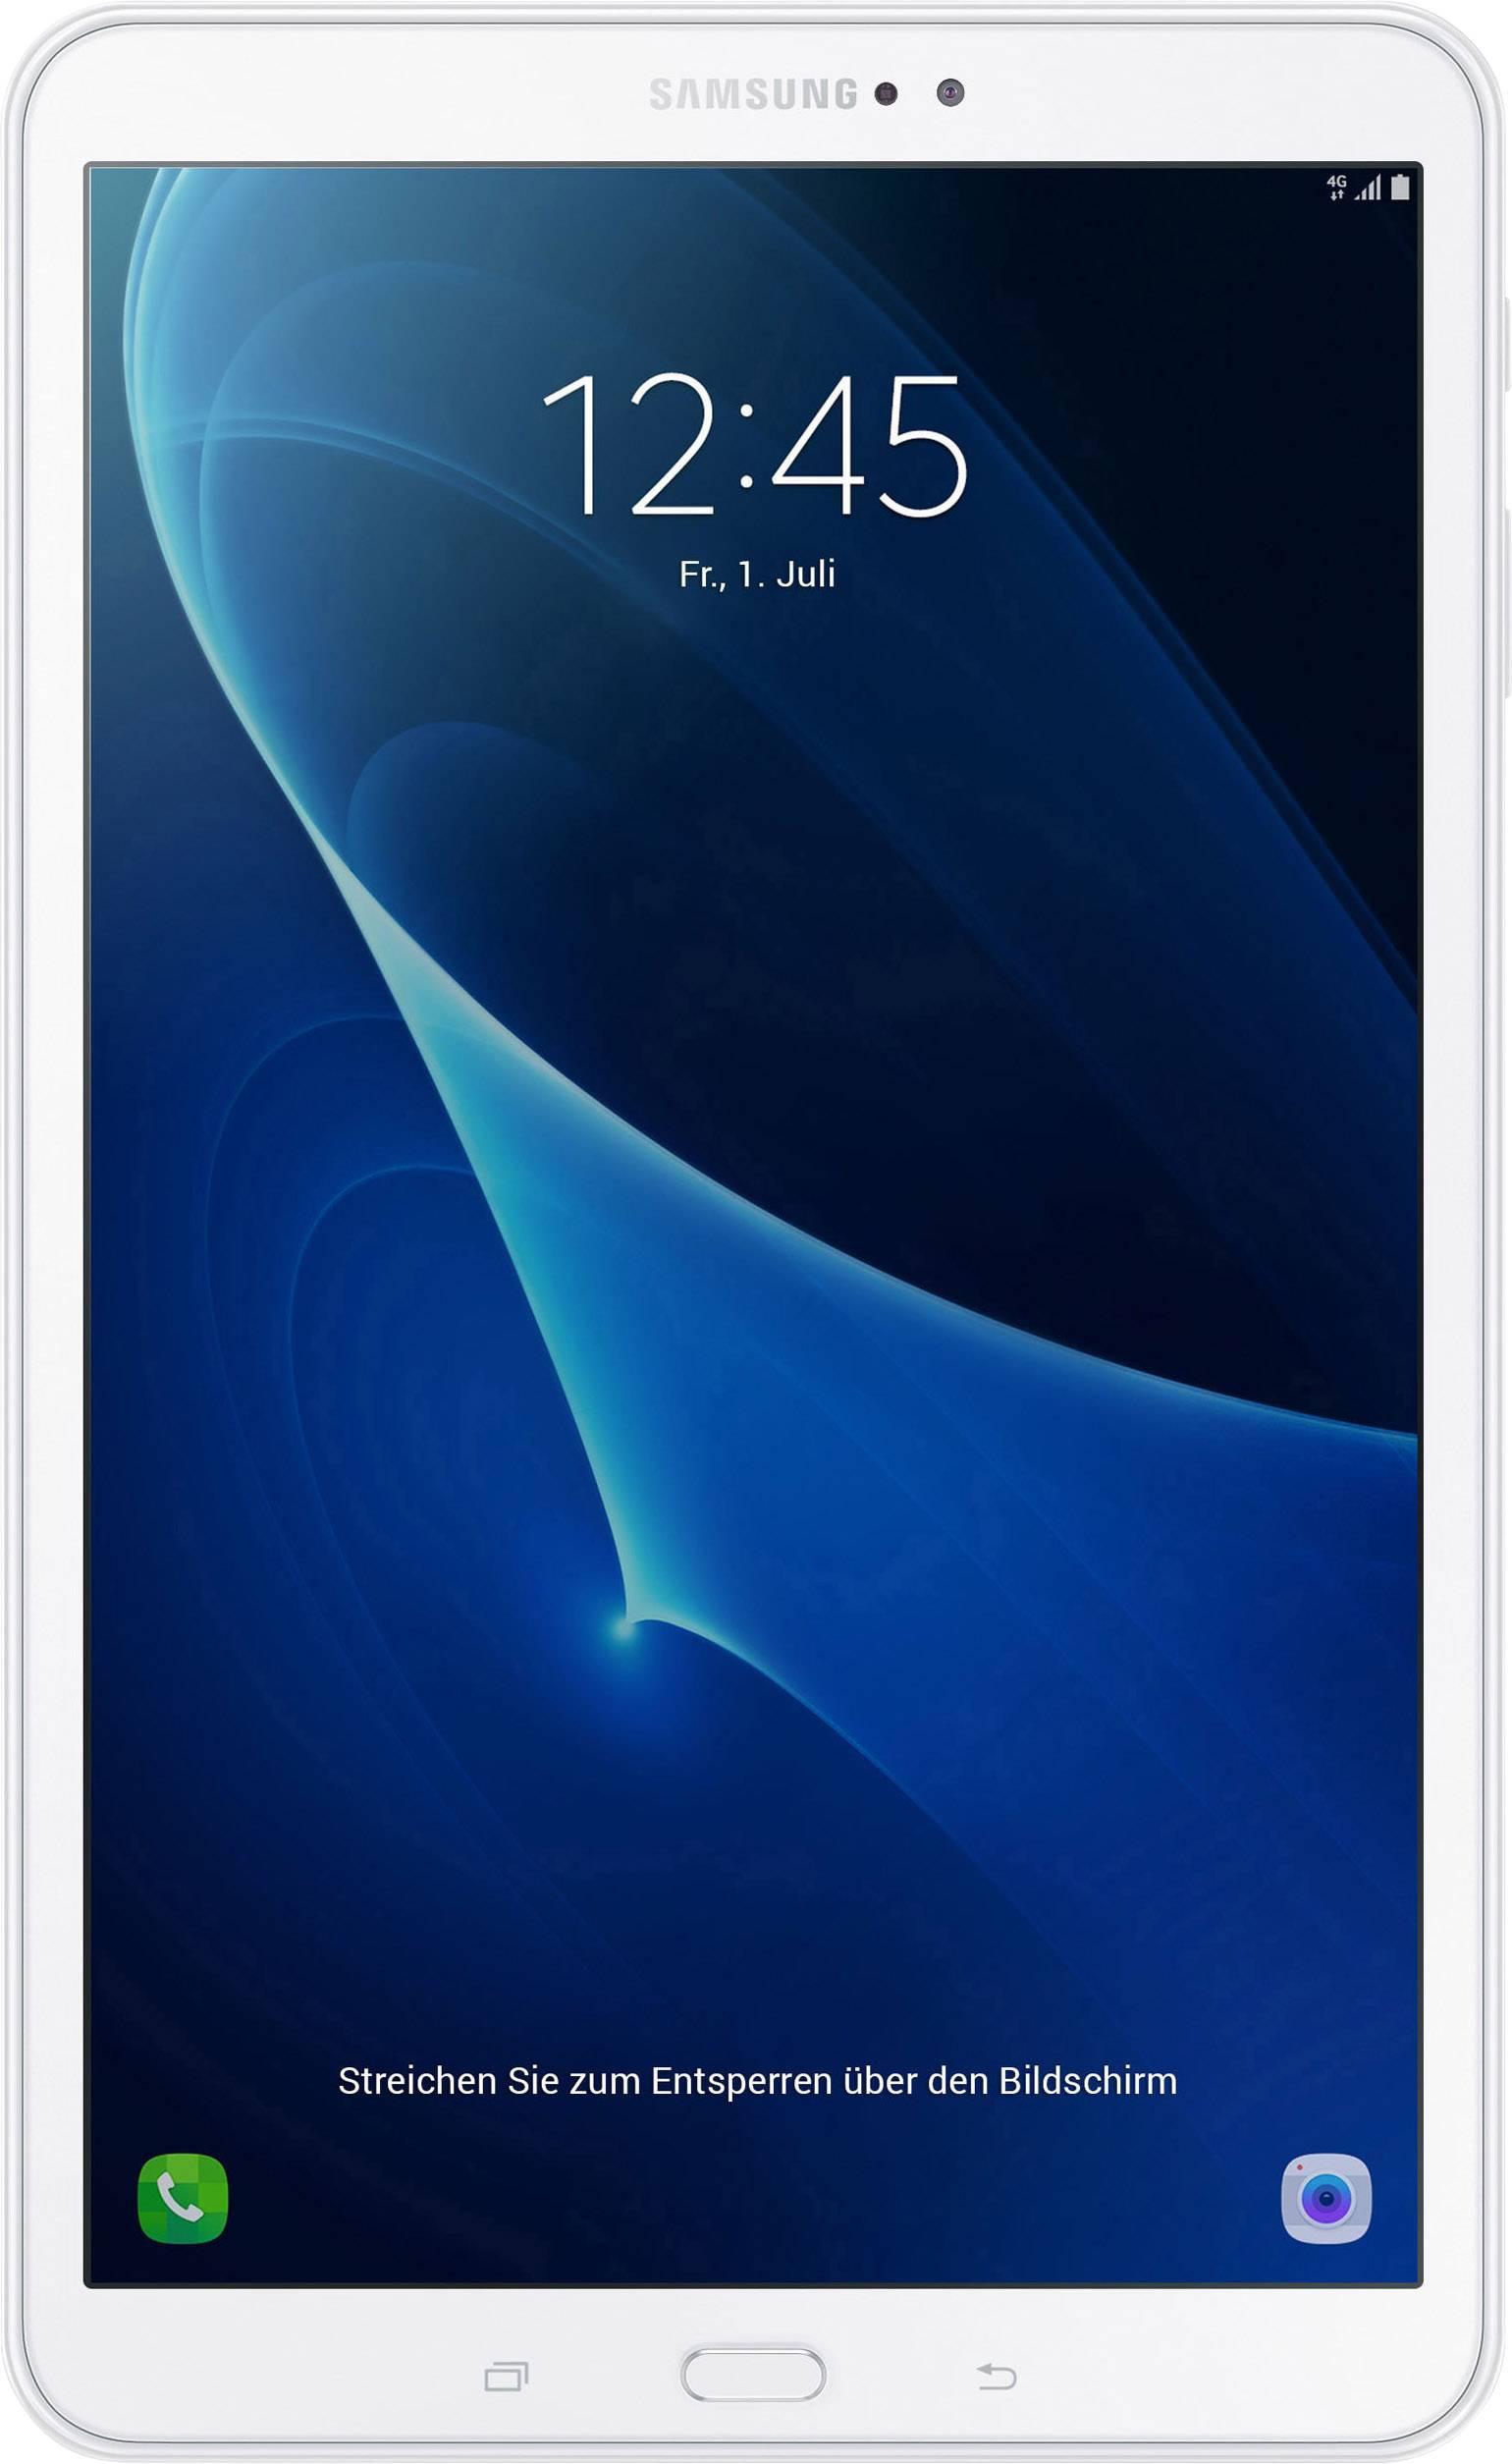 Samsung - Smartphone, Tablet und vieles mehr bei Conrad